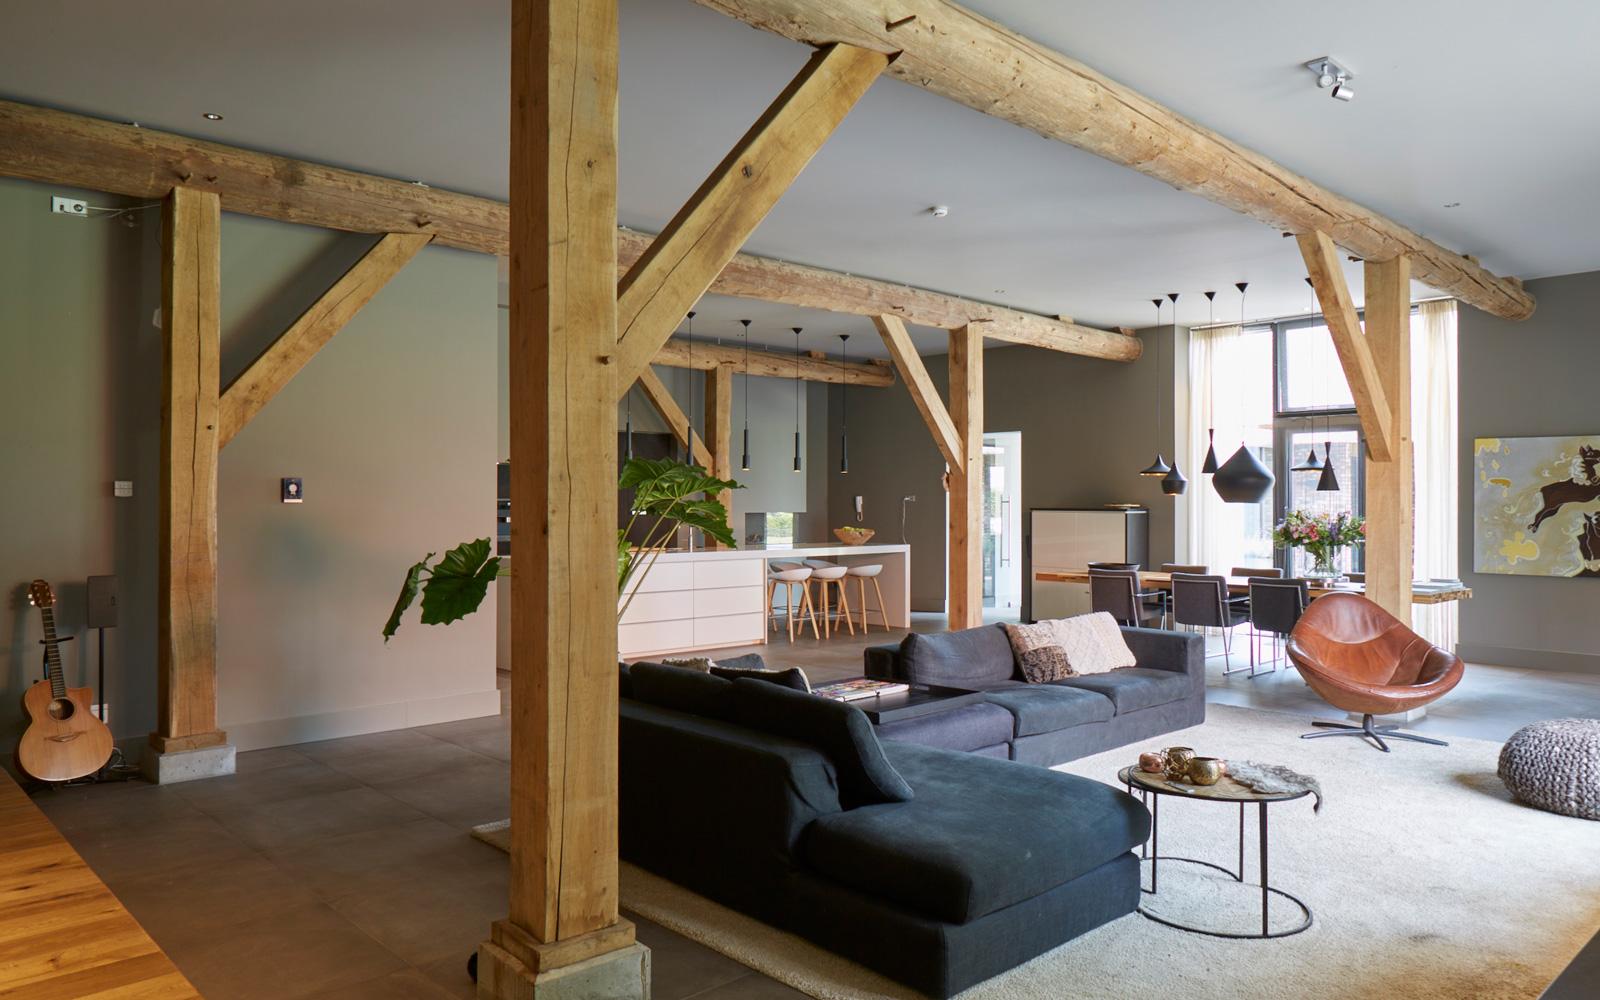 Het moderne interieur samen met de houten balken zorgt voor veel sfeer.